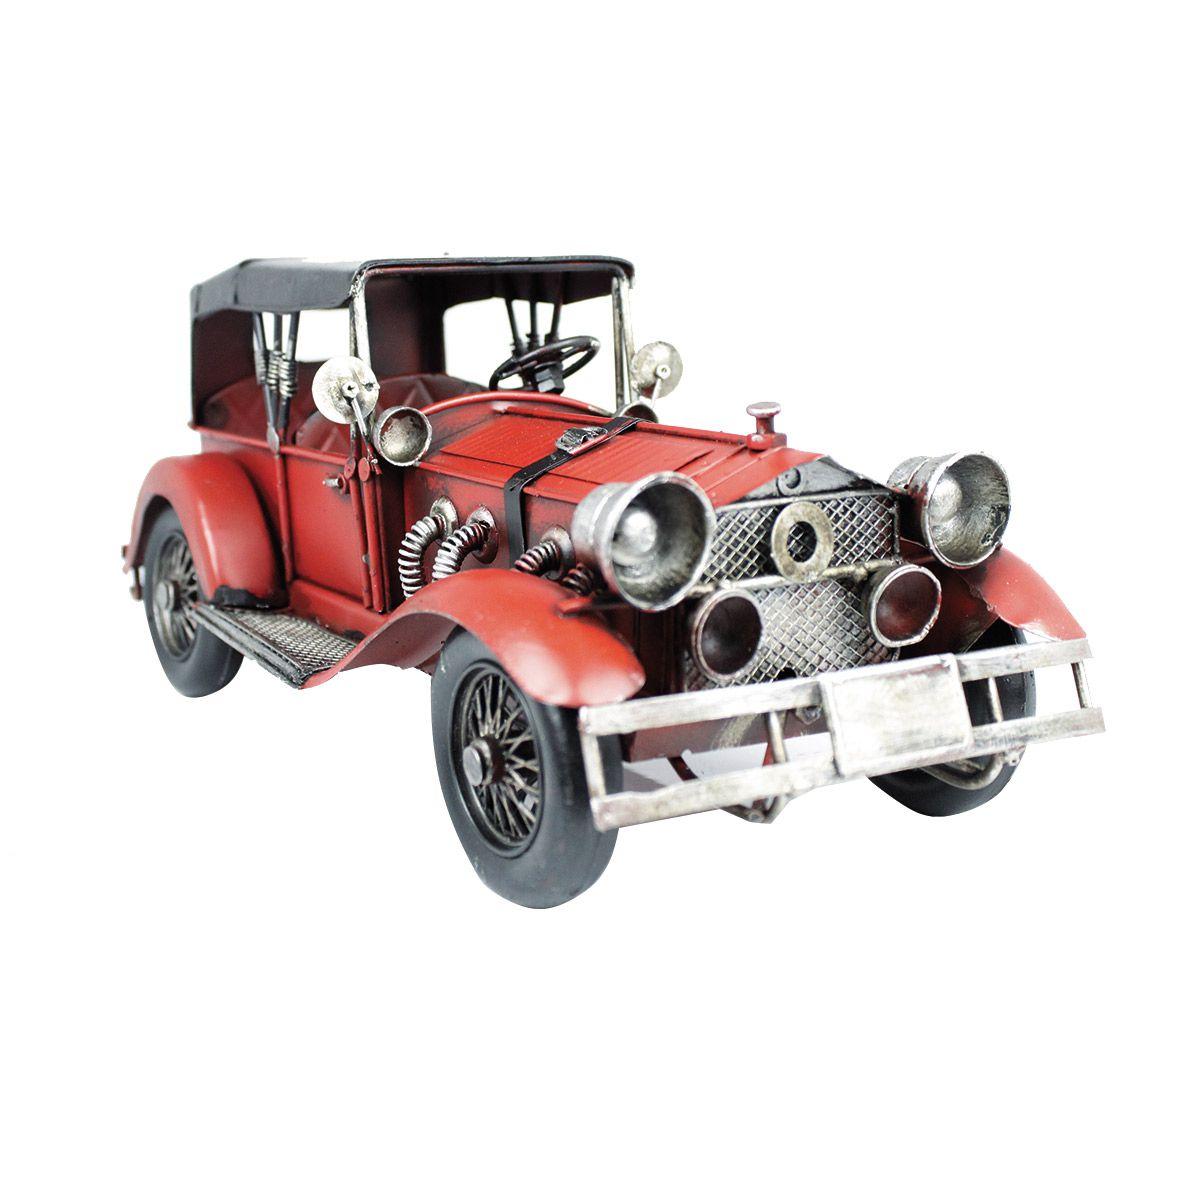 Carro de Metal Pura Nostalgia Calhambeque Ford 1929 1:18